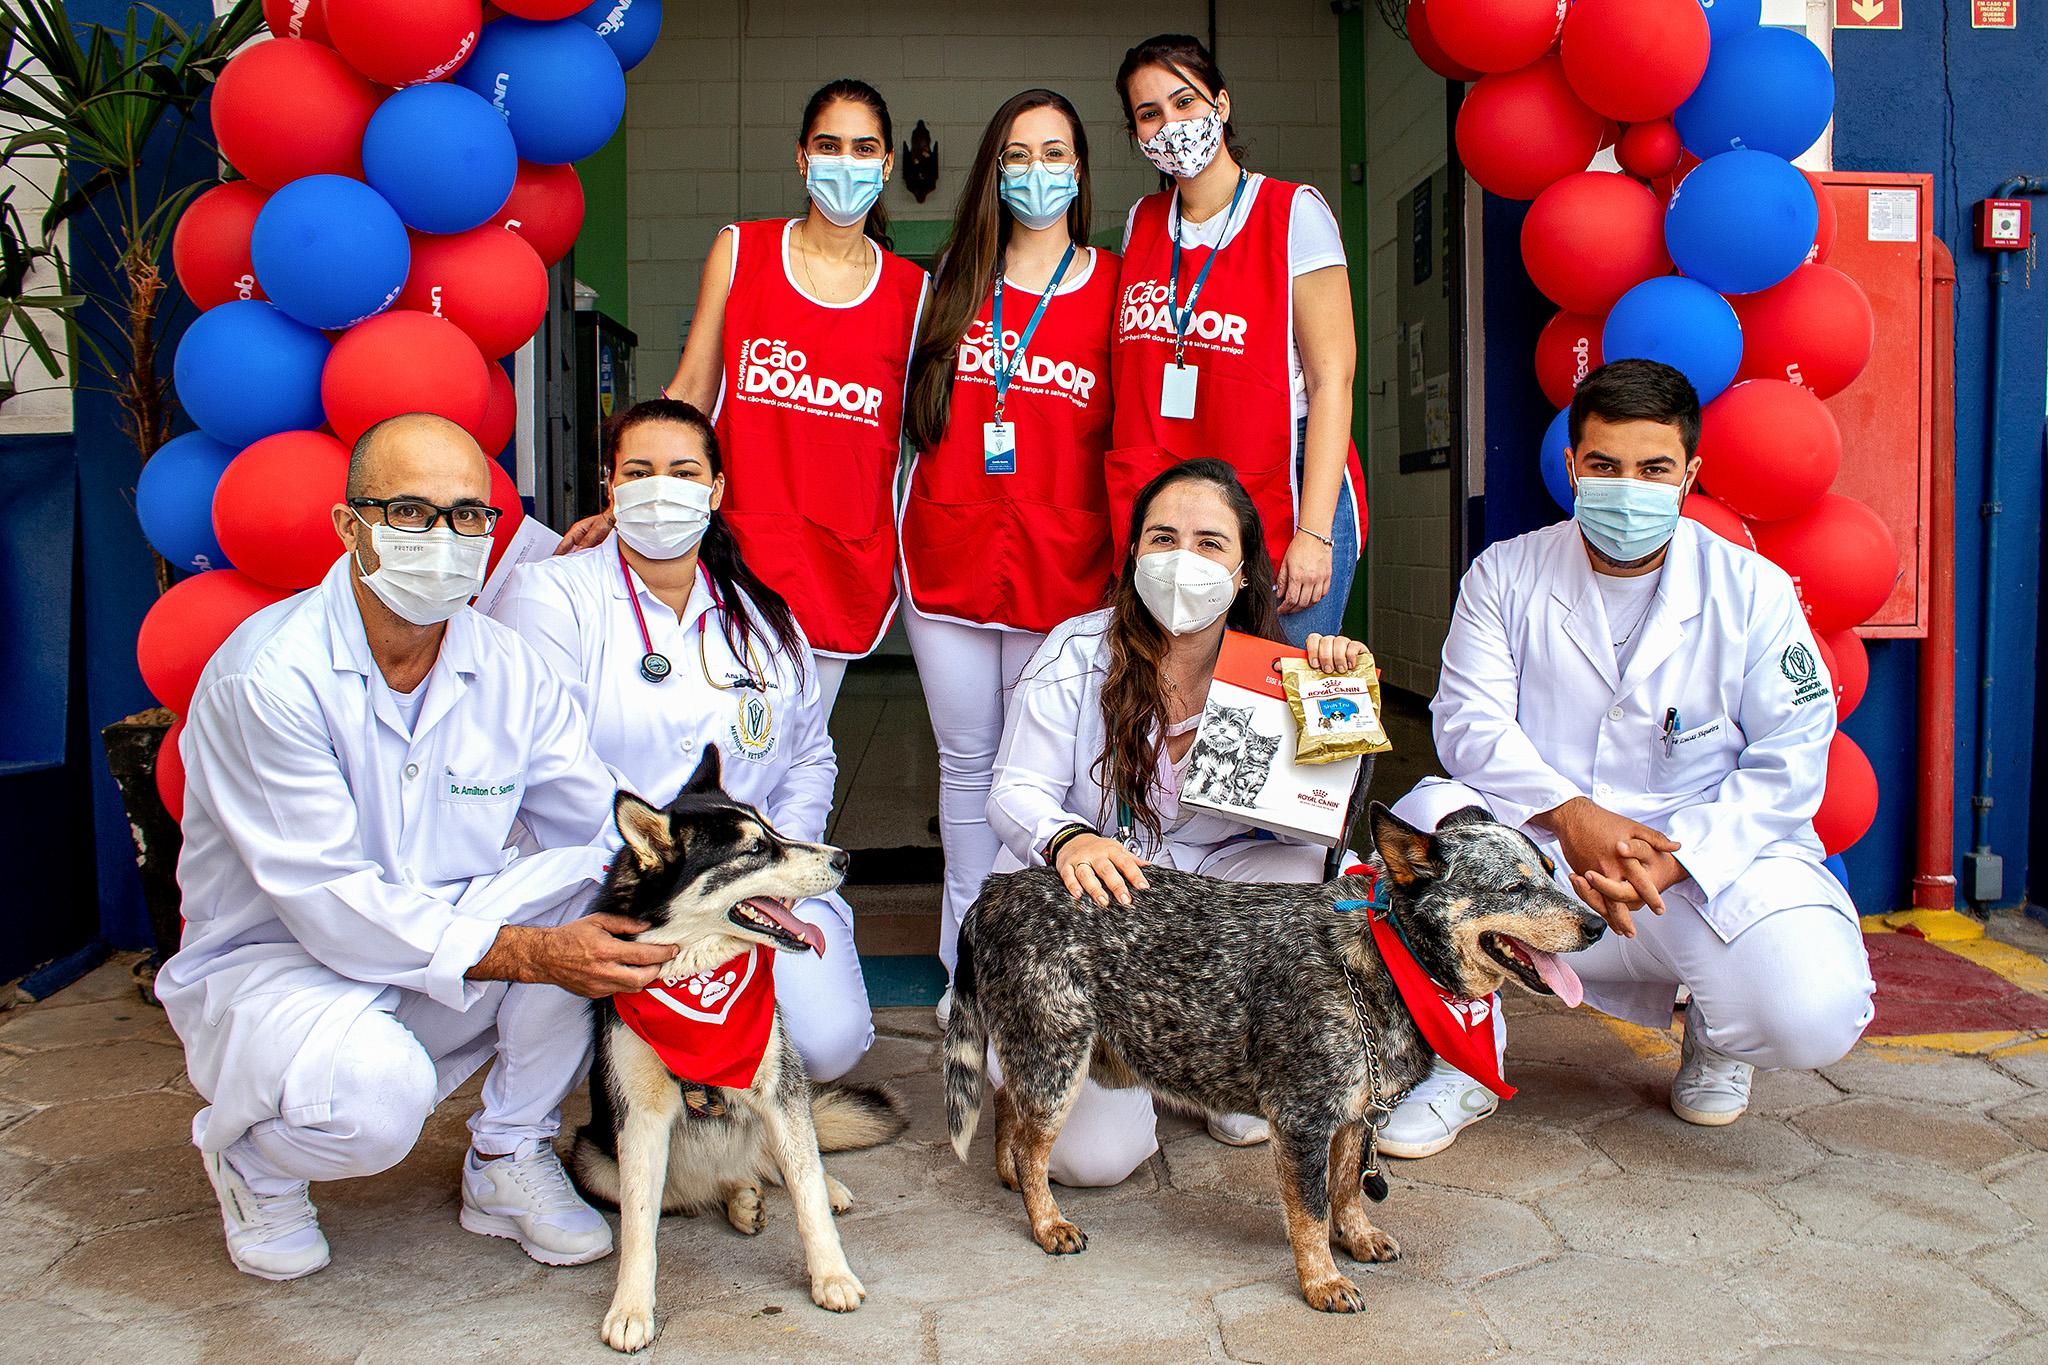 Campanha Cão Doador acontece no Hospital Veterinário Unifeob